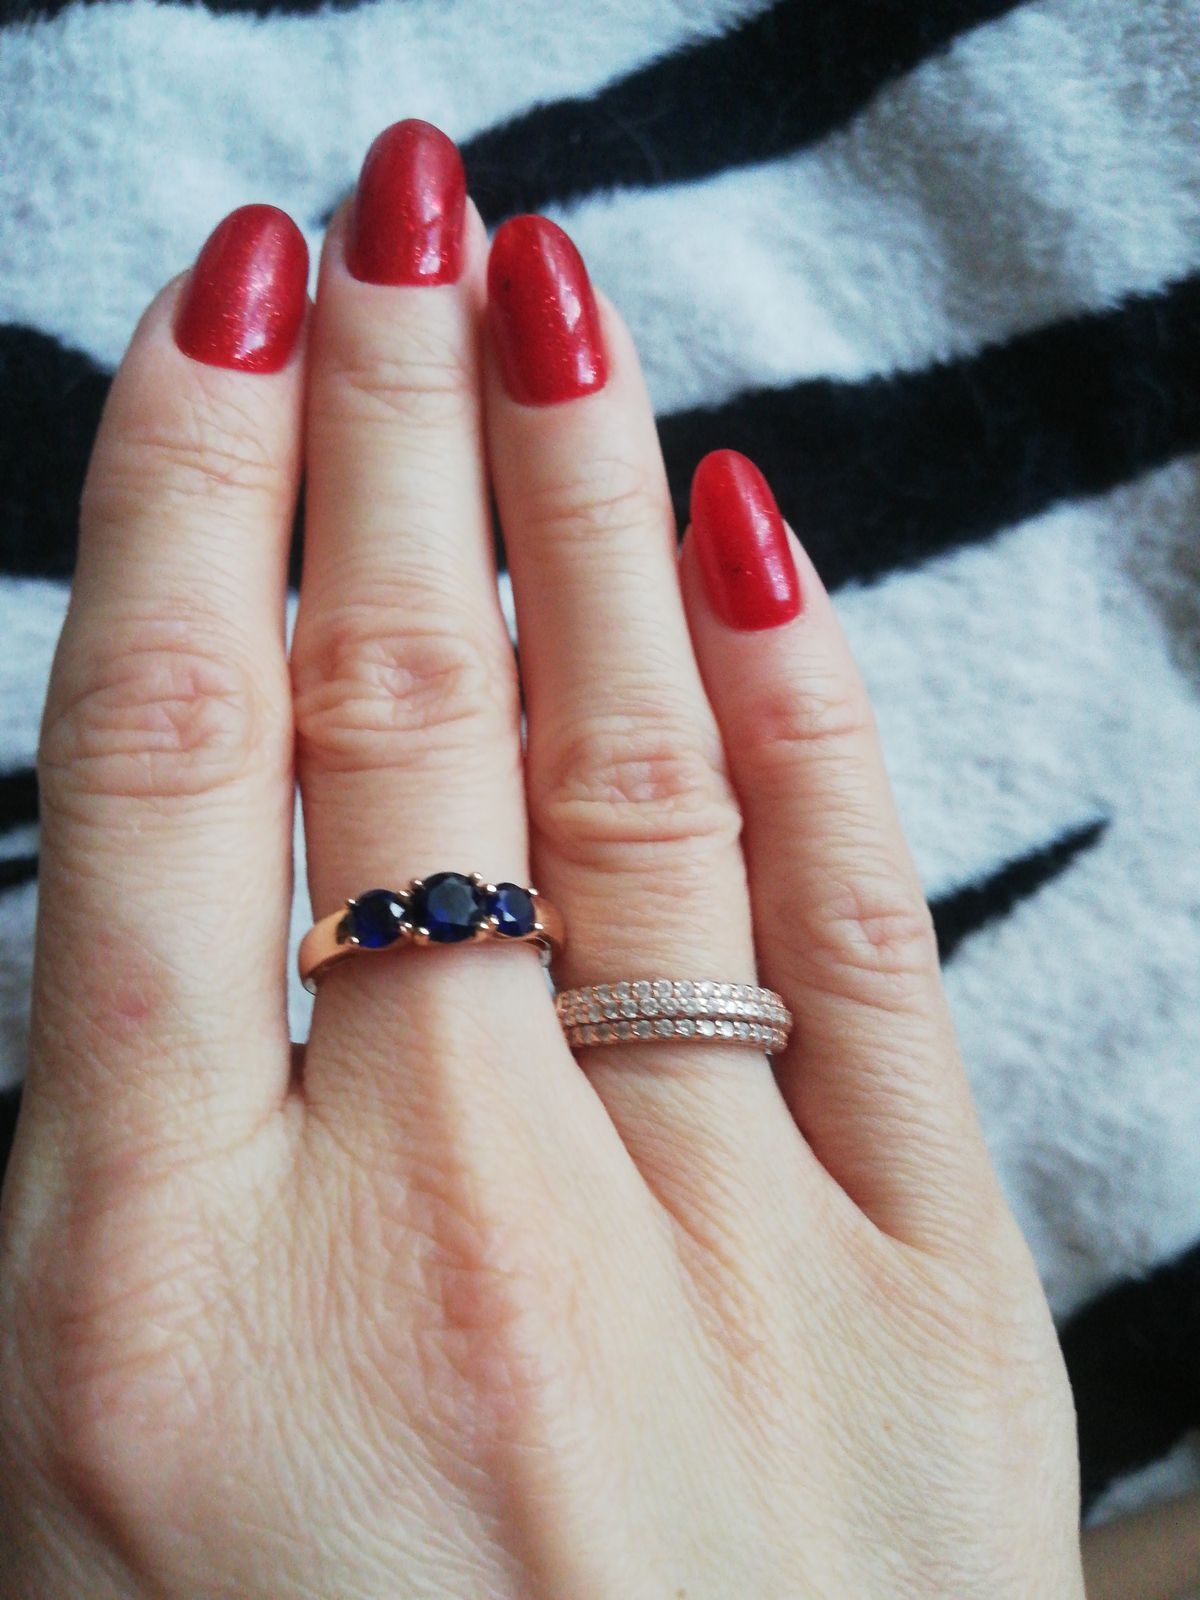 Шикарное кольцо! Смотрится очень стильно и дорого👍💍